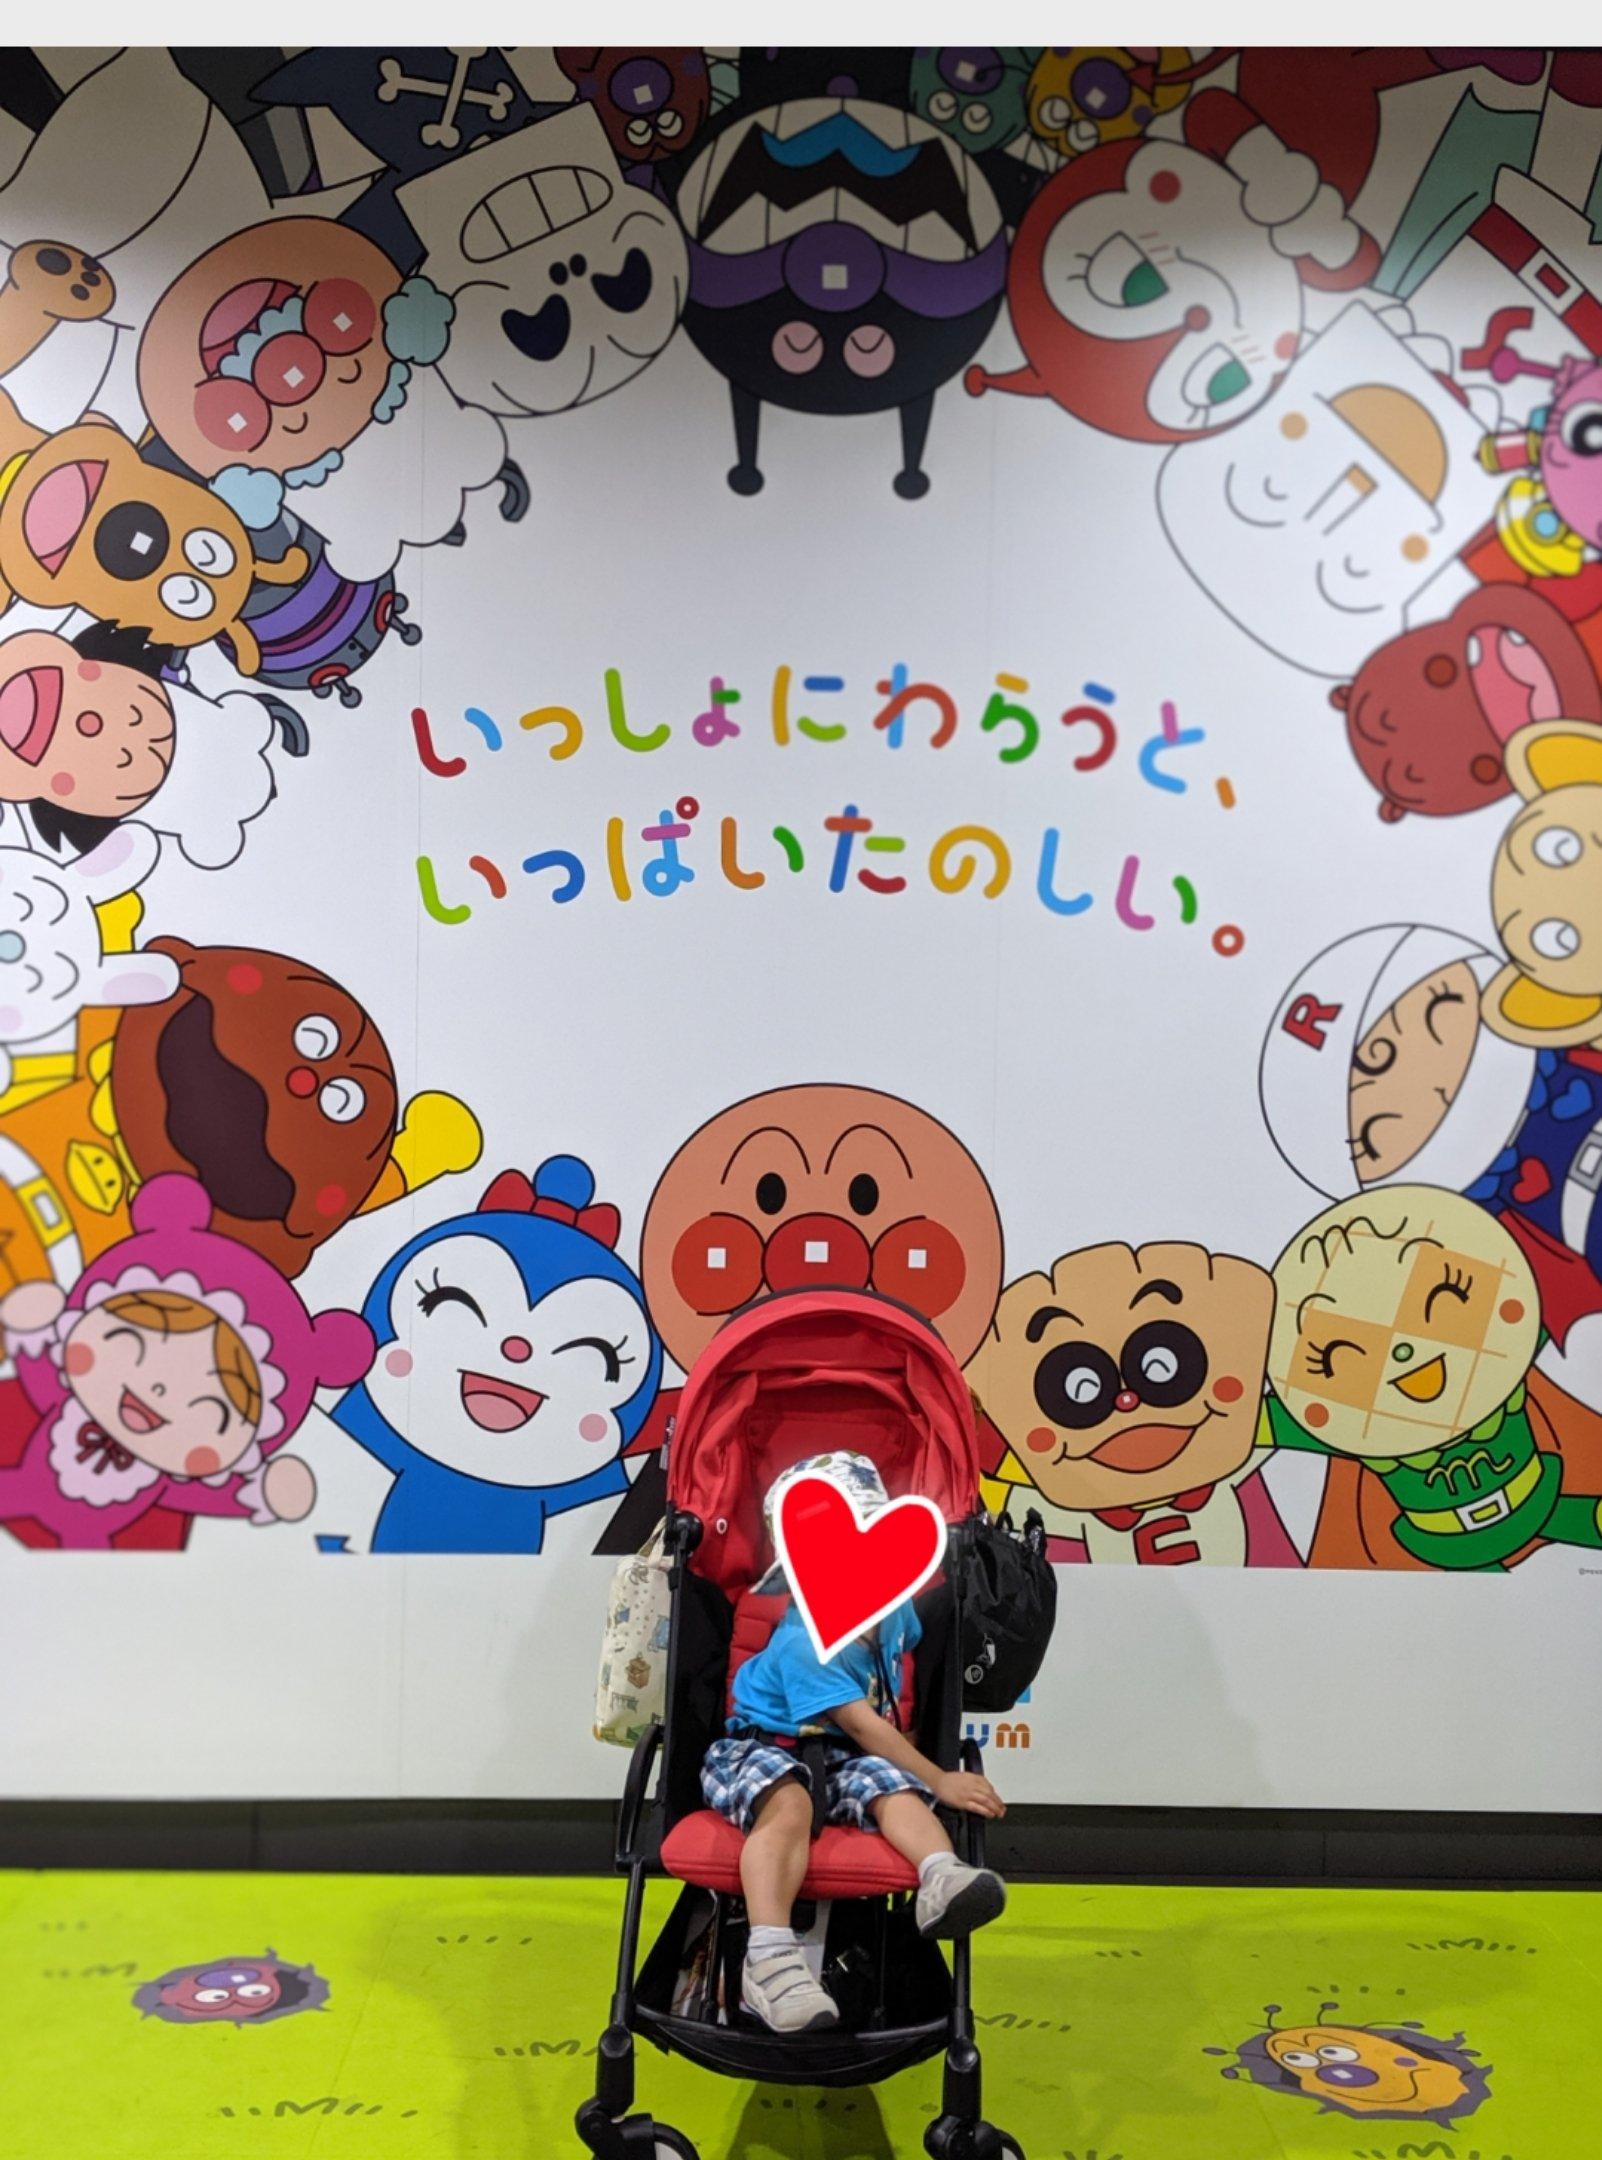 お盆に1歳9か月の息子を連れて横浜のアンパンマンミュージアムに行ってきました Winks Bows